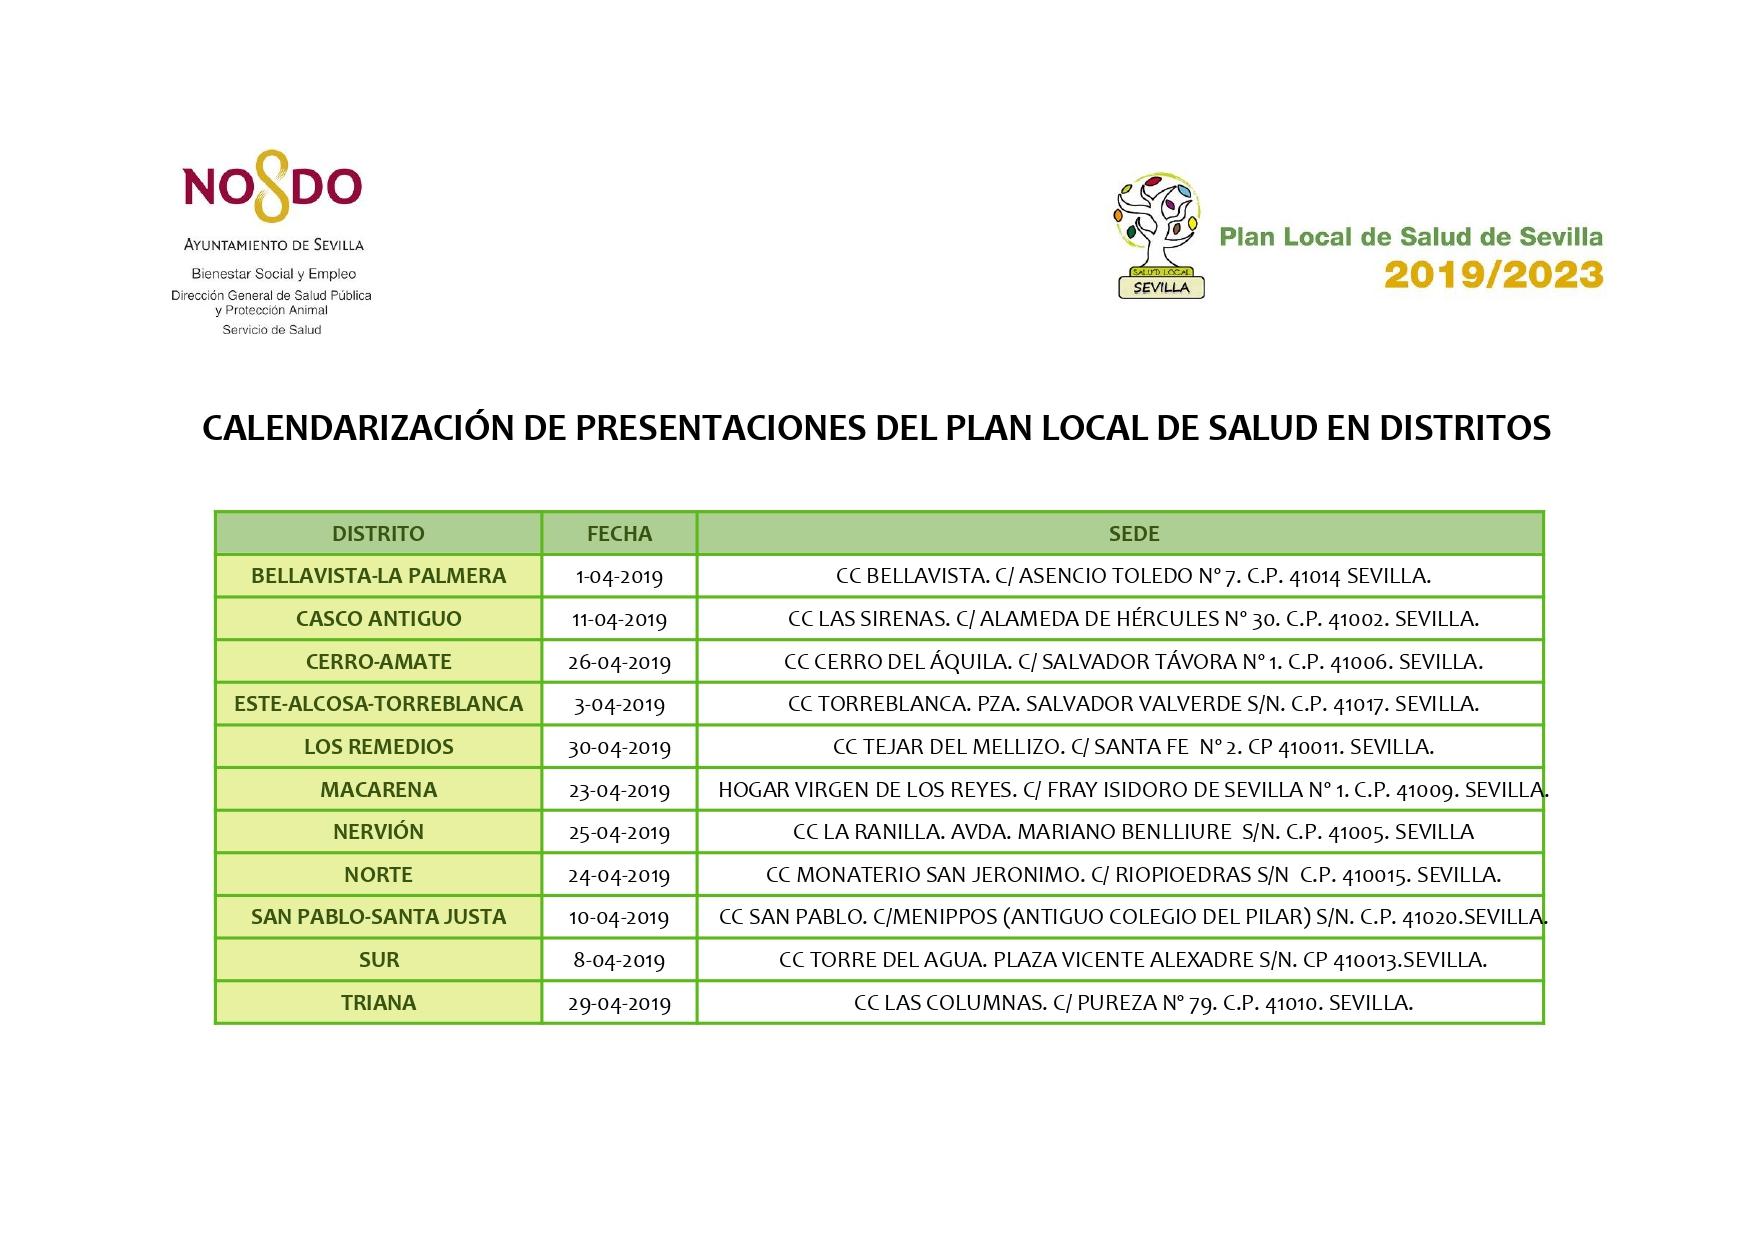 Calendario Sevilla.Calendario De Presentaciones De Los Pls De Los Distritos De Sevilla